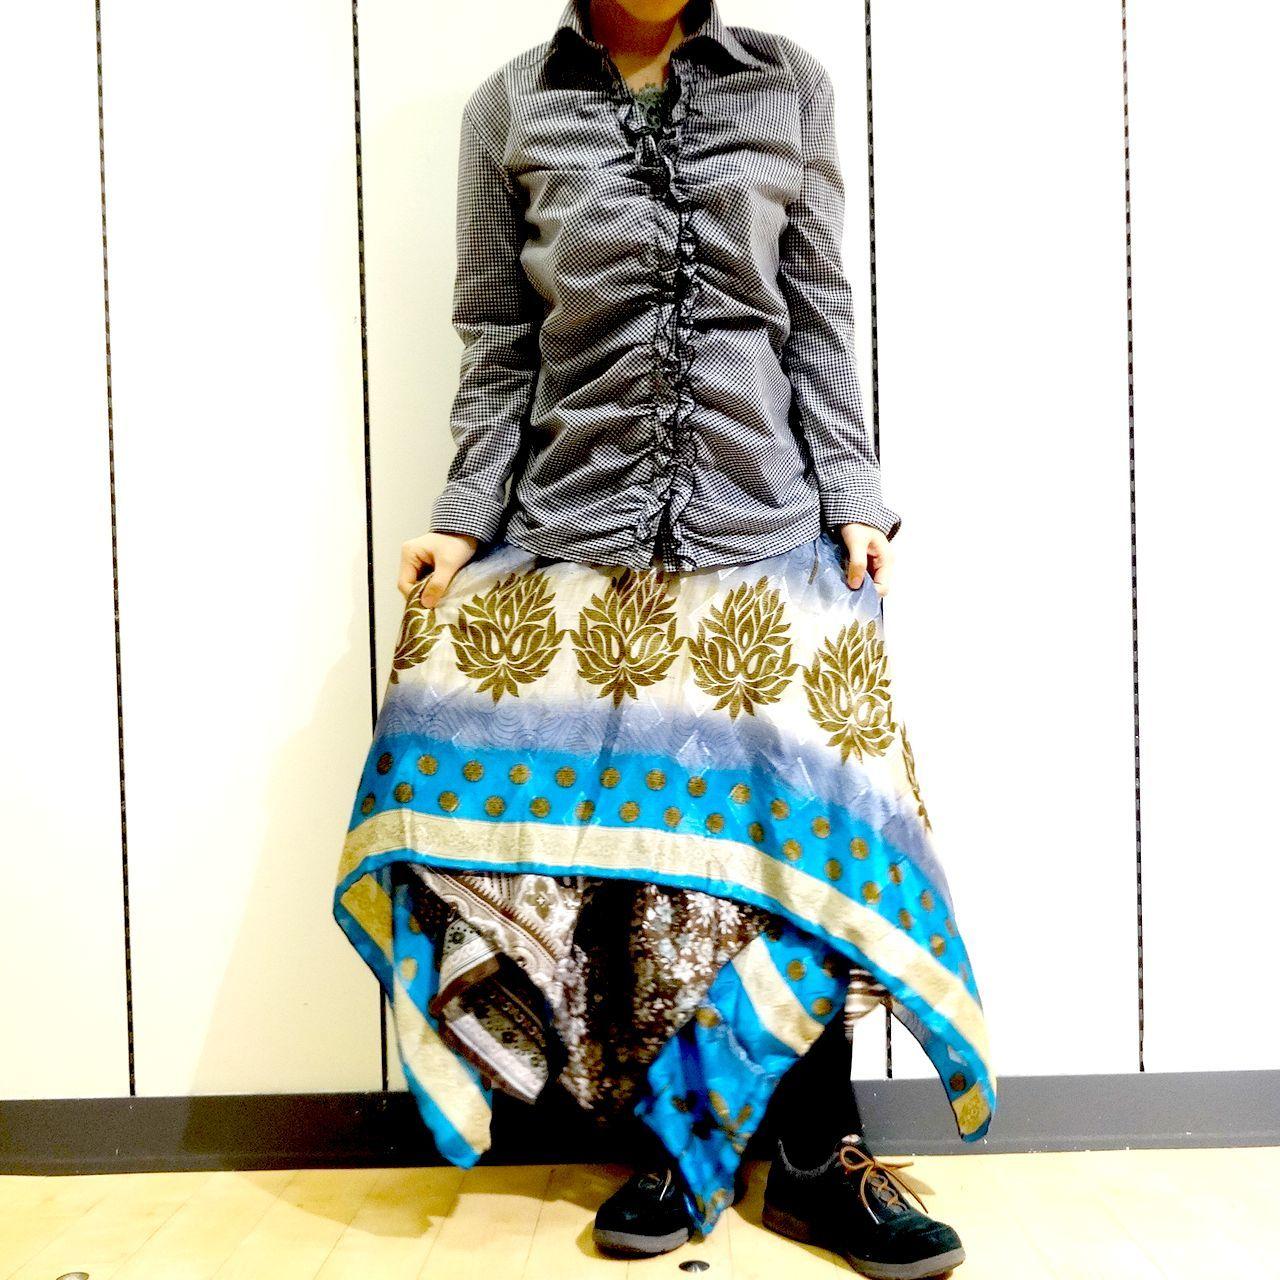 vdsz-012  ビンテージシルクサリーギザスカート「チャンドラマハール」